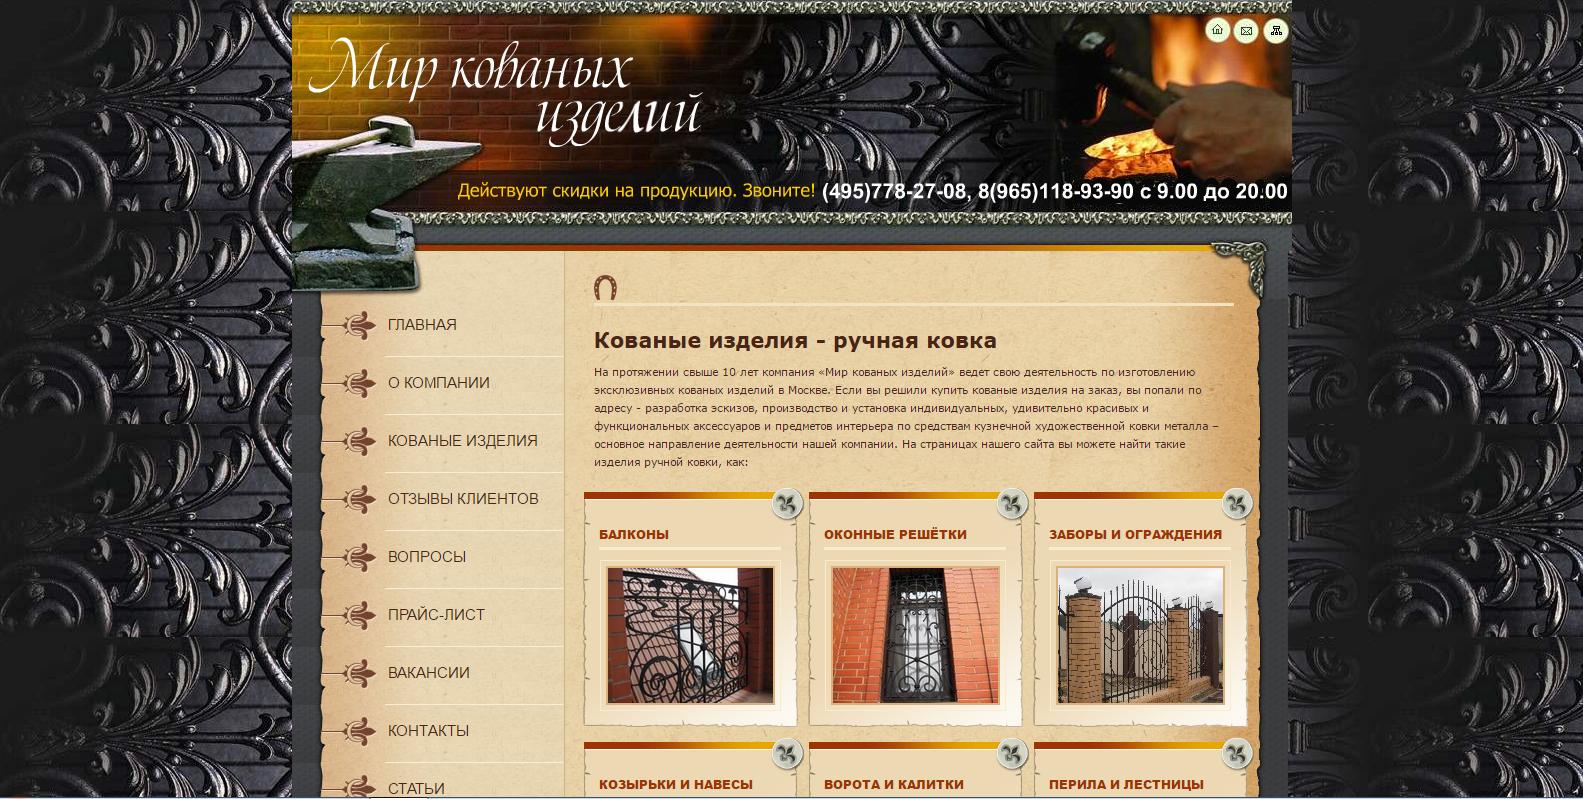 Сайт Мир кованых изделий